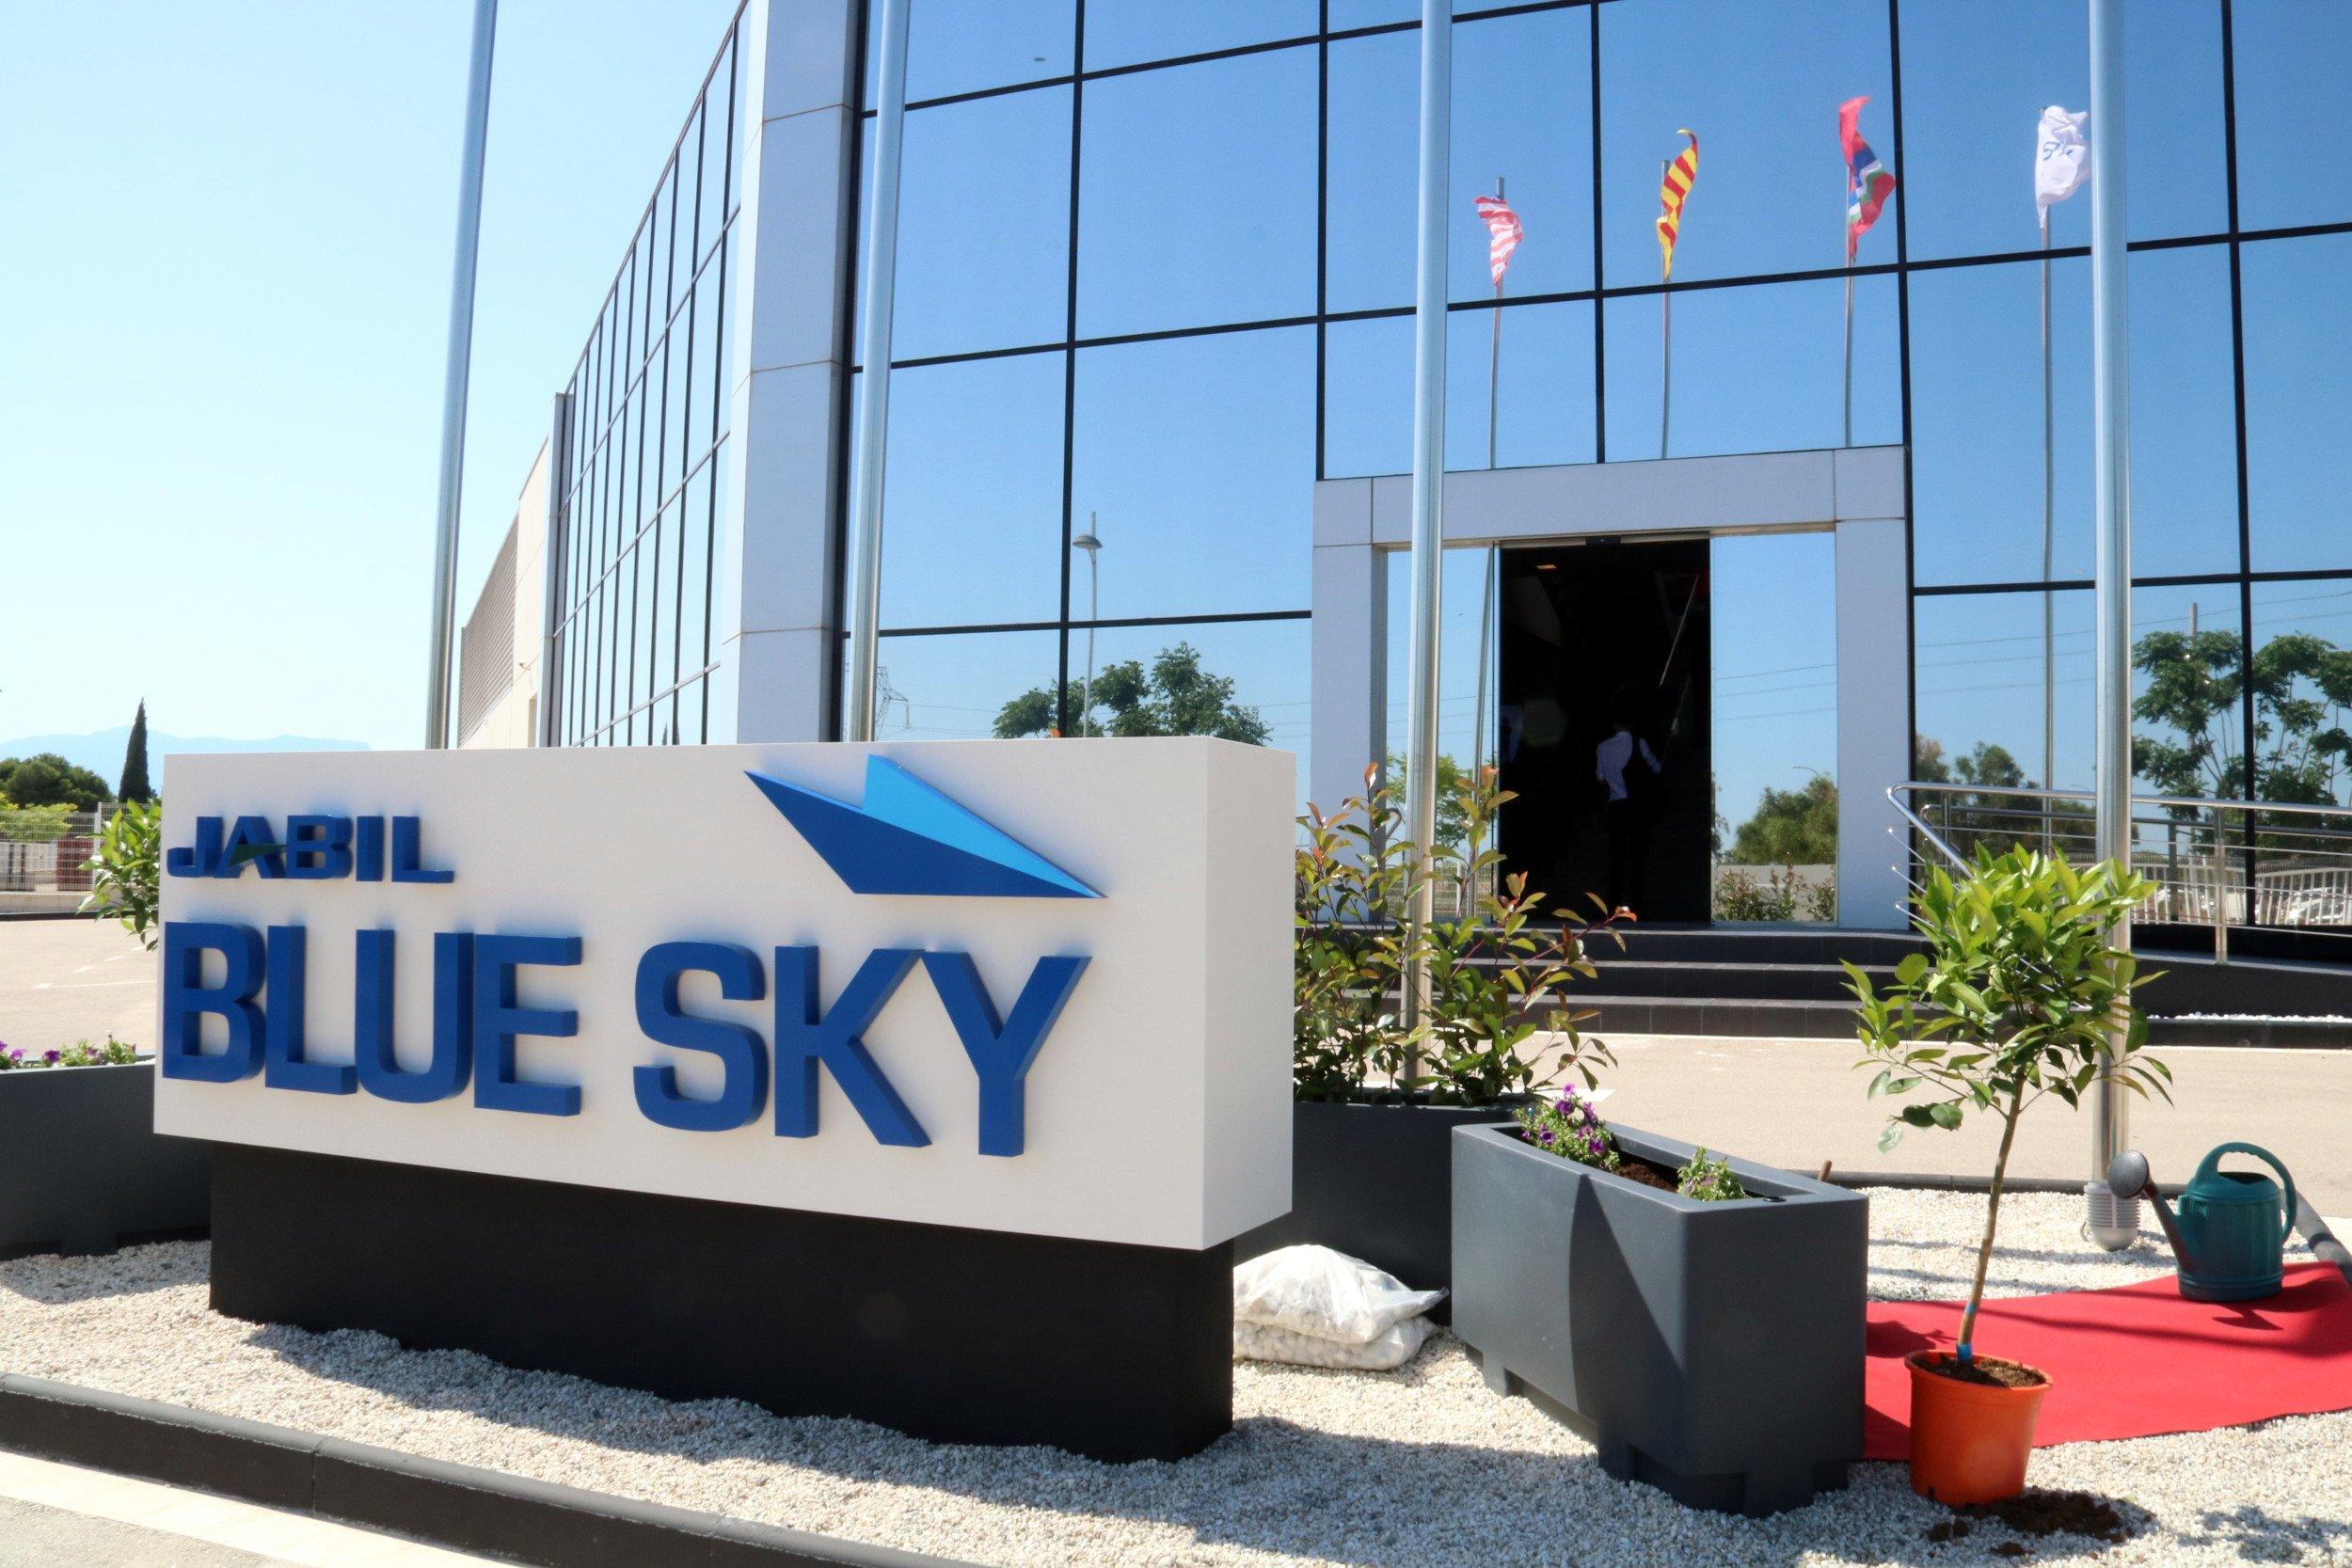 Innaugurazione del Jabil Blue Sky di Marcianise